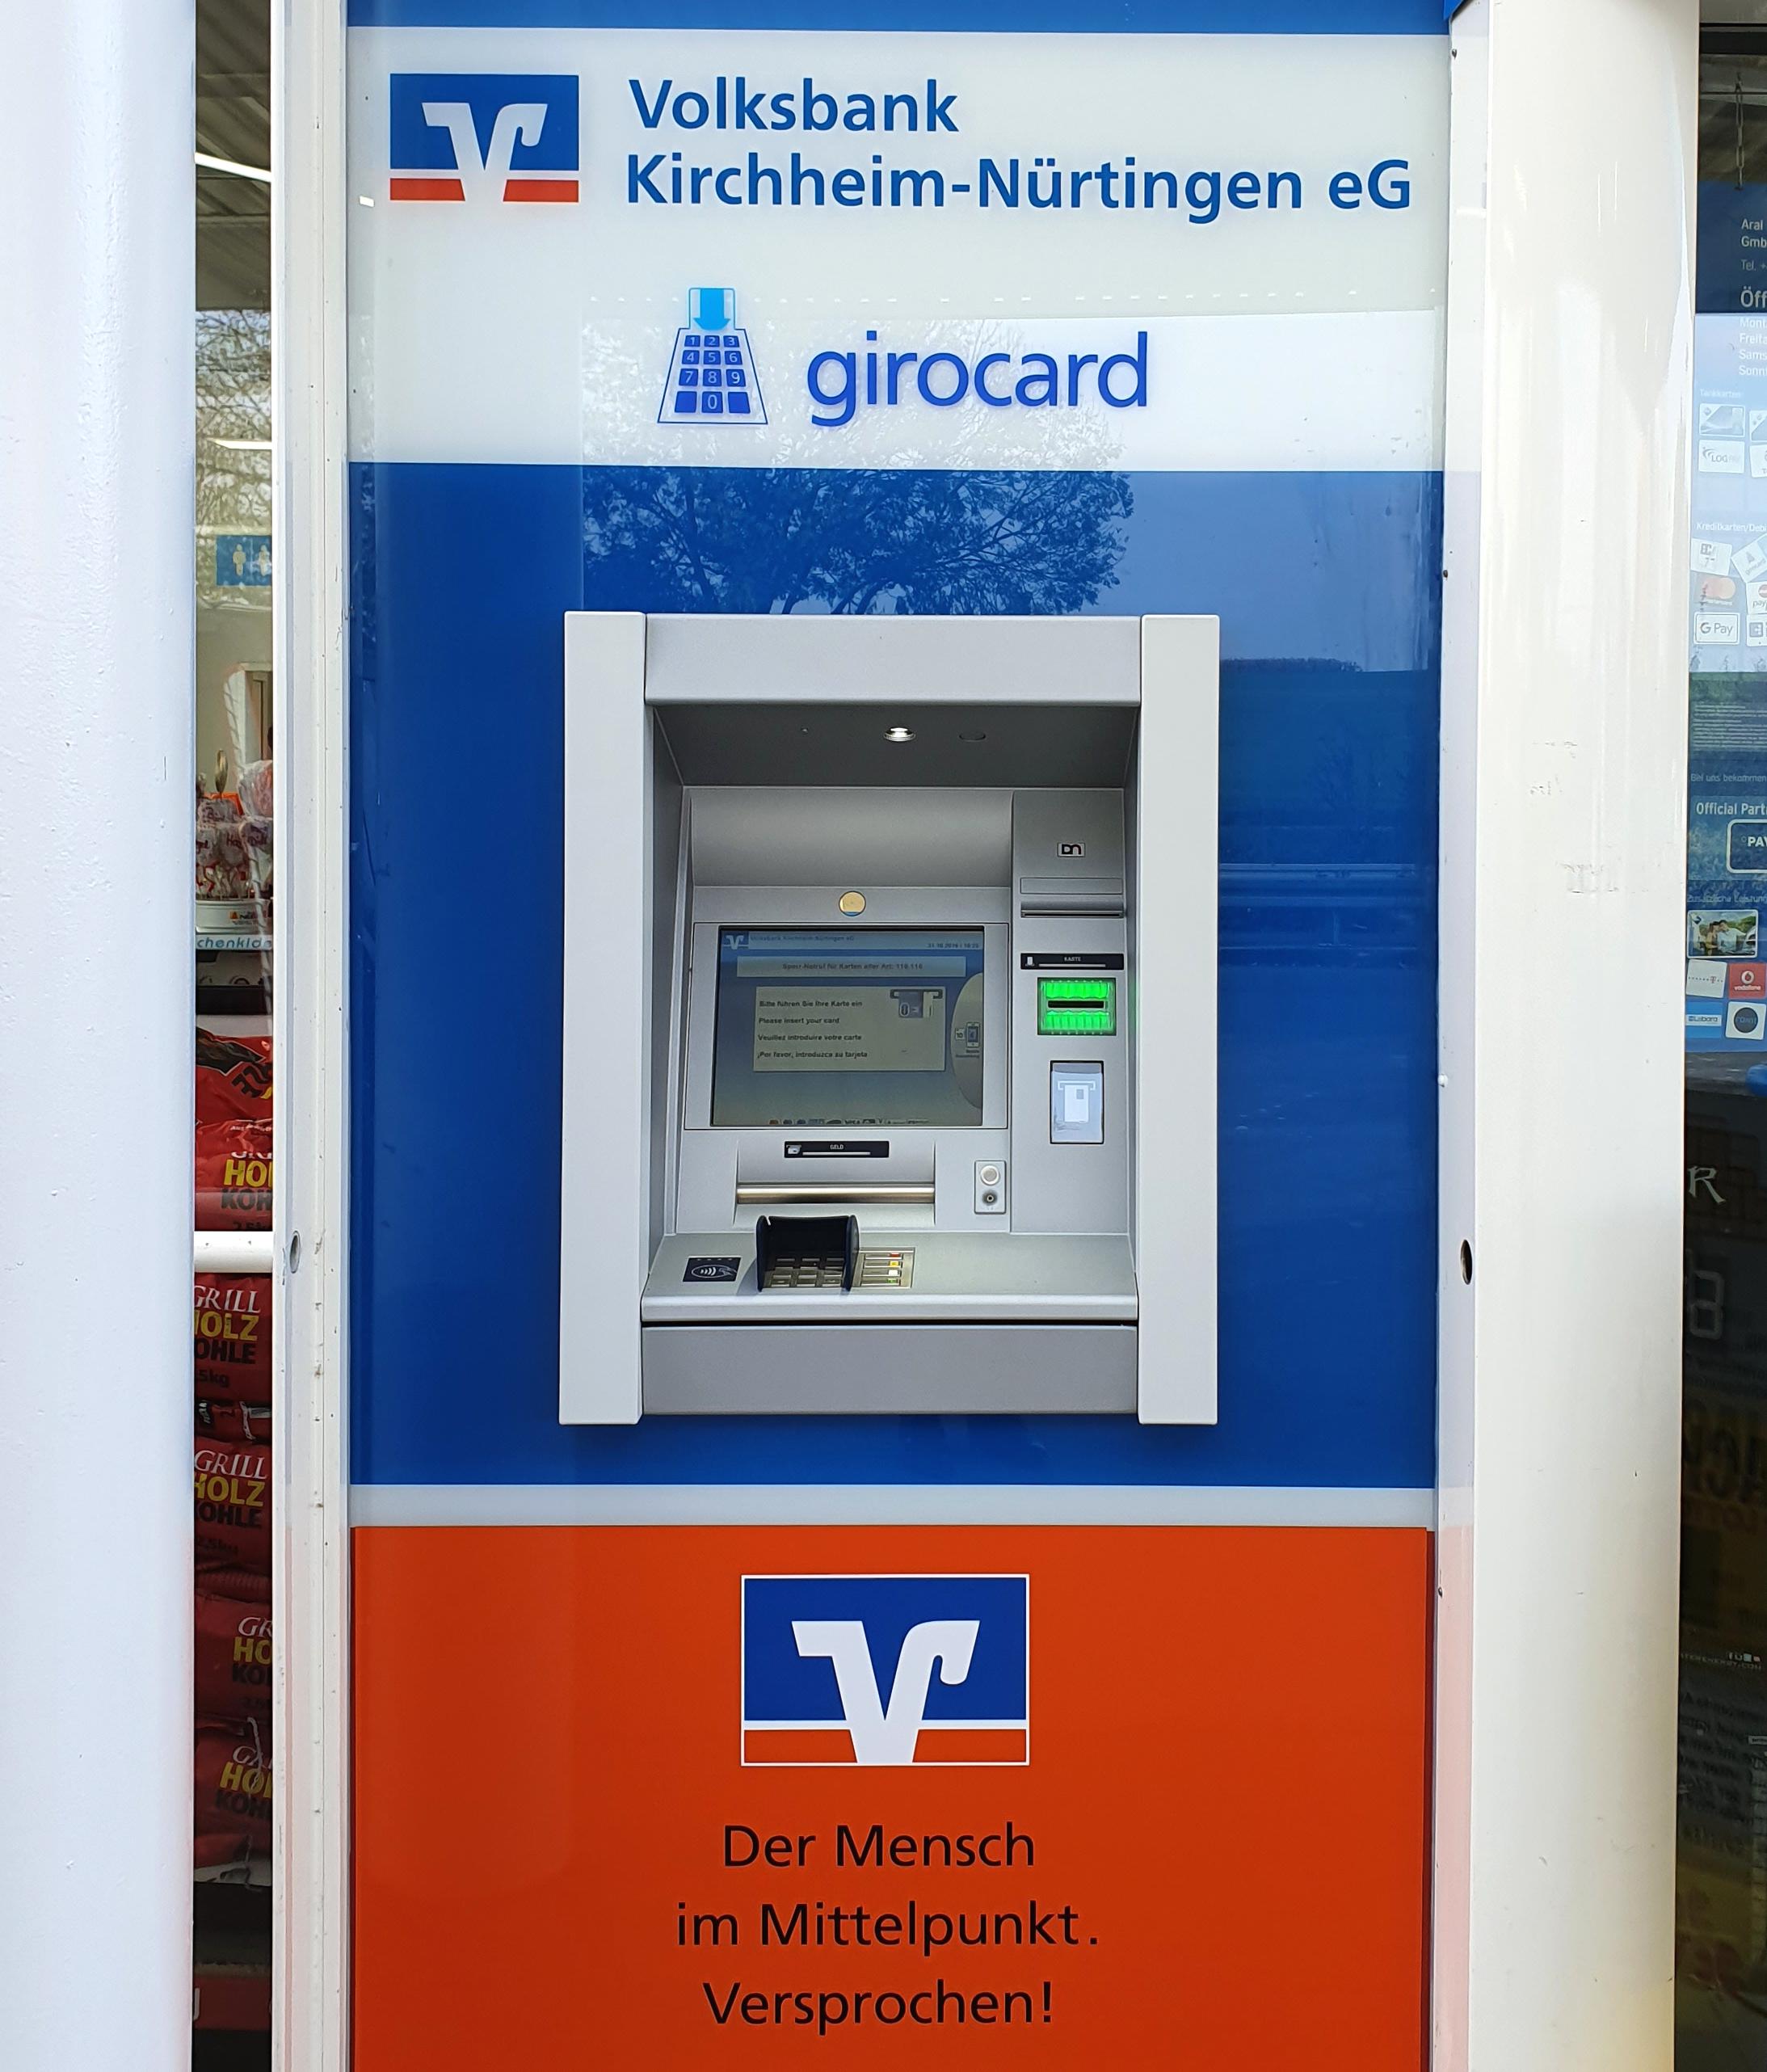 Volksbank Kirchheim-Nürtingen eG, Filiale Nürtingen-Enhzenhardt - Aral (SB-Stelle)